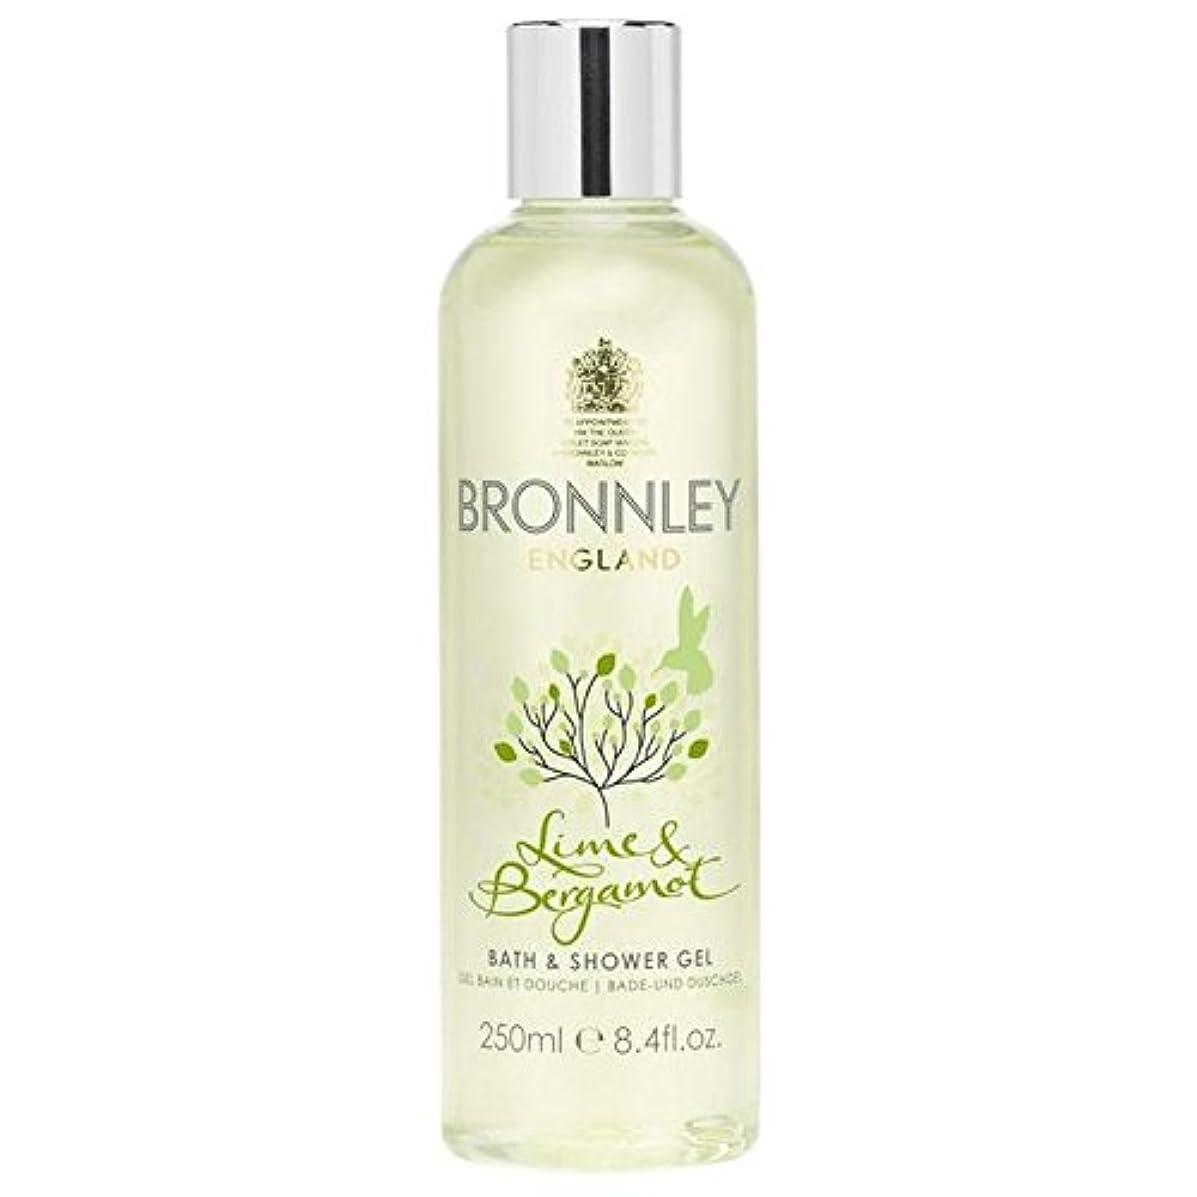 征服者餌部族ライム&ベルガモットバス&シャワージェル250ミリリットル x4 - Bronnley Lime & Bergamot Bath & Shower Gel 250ml (Pack of 4) [並行輸入品]